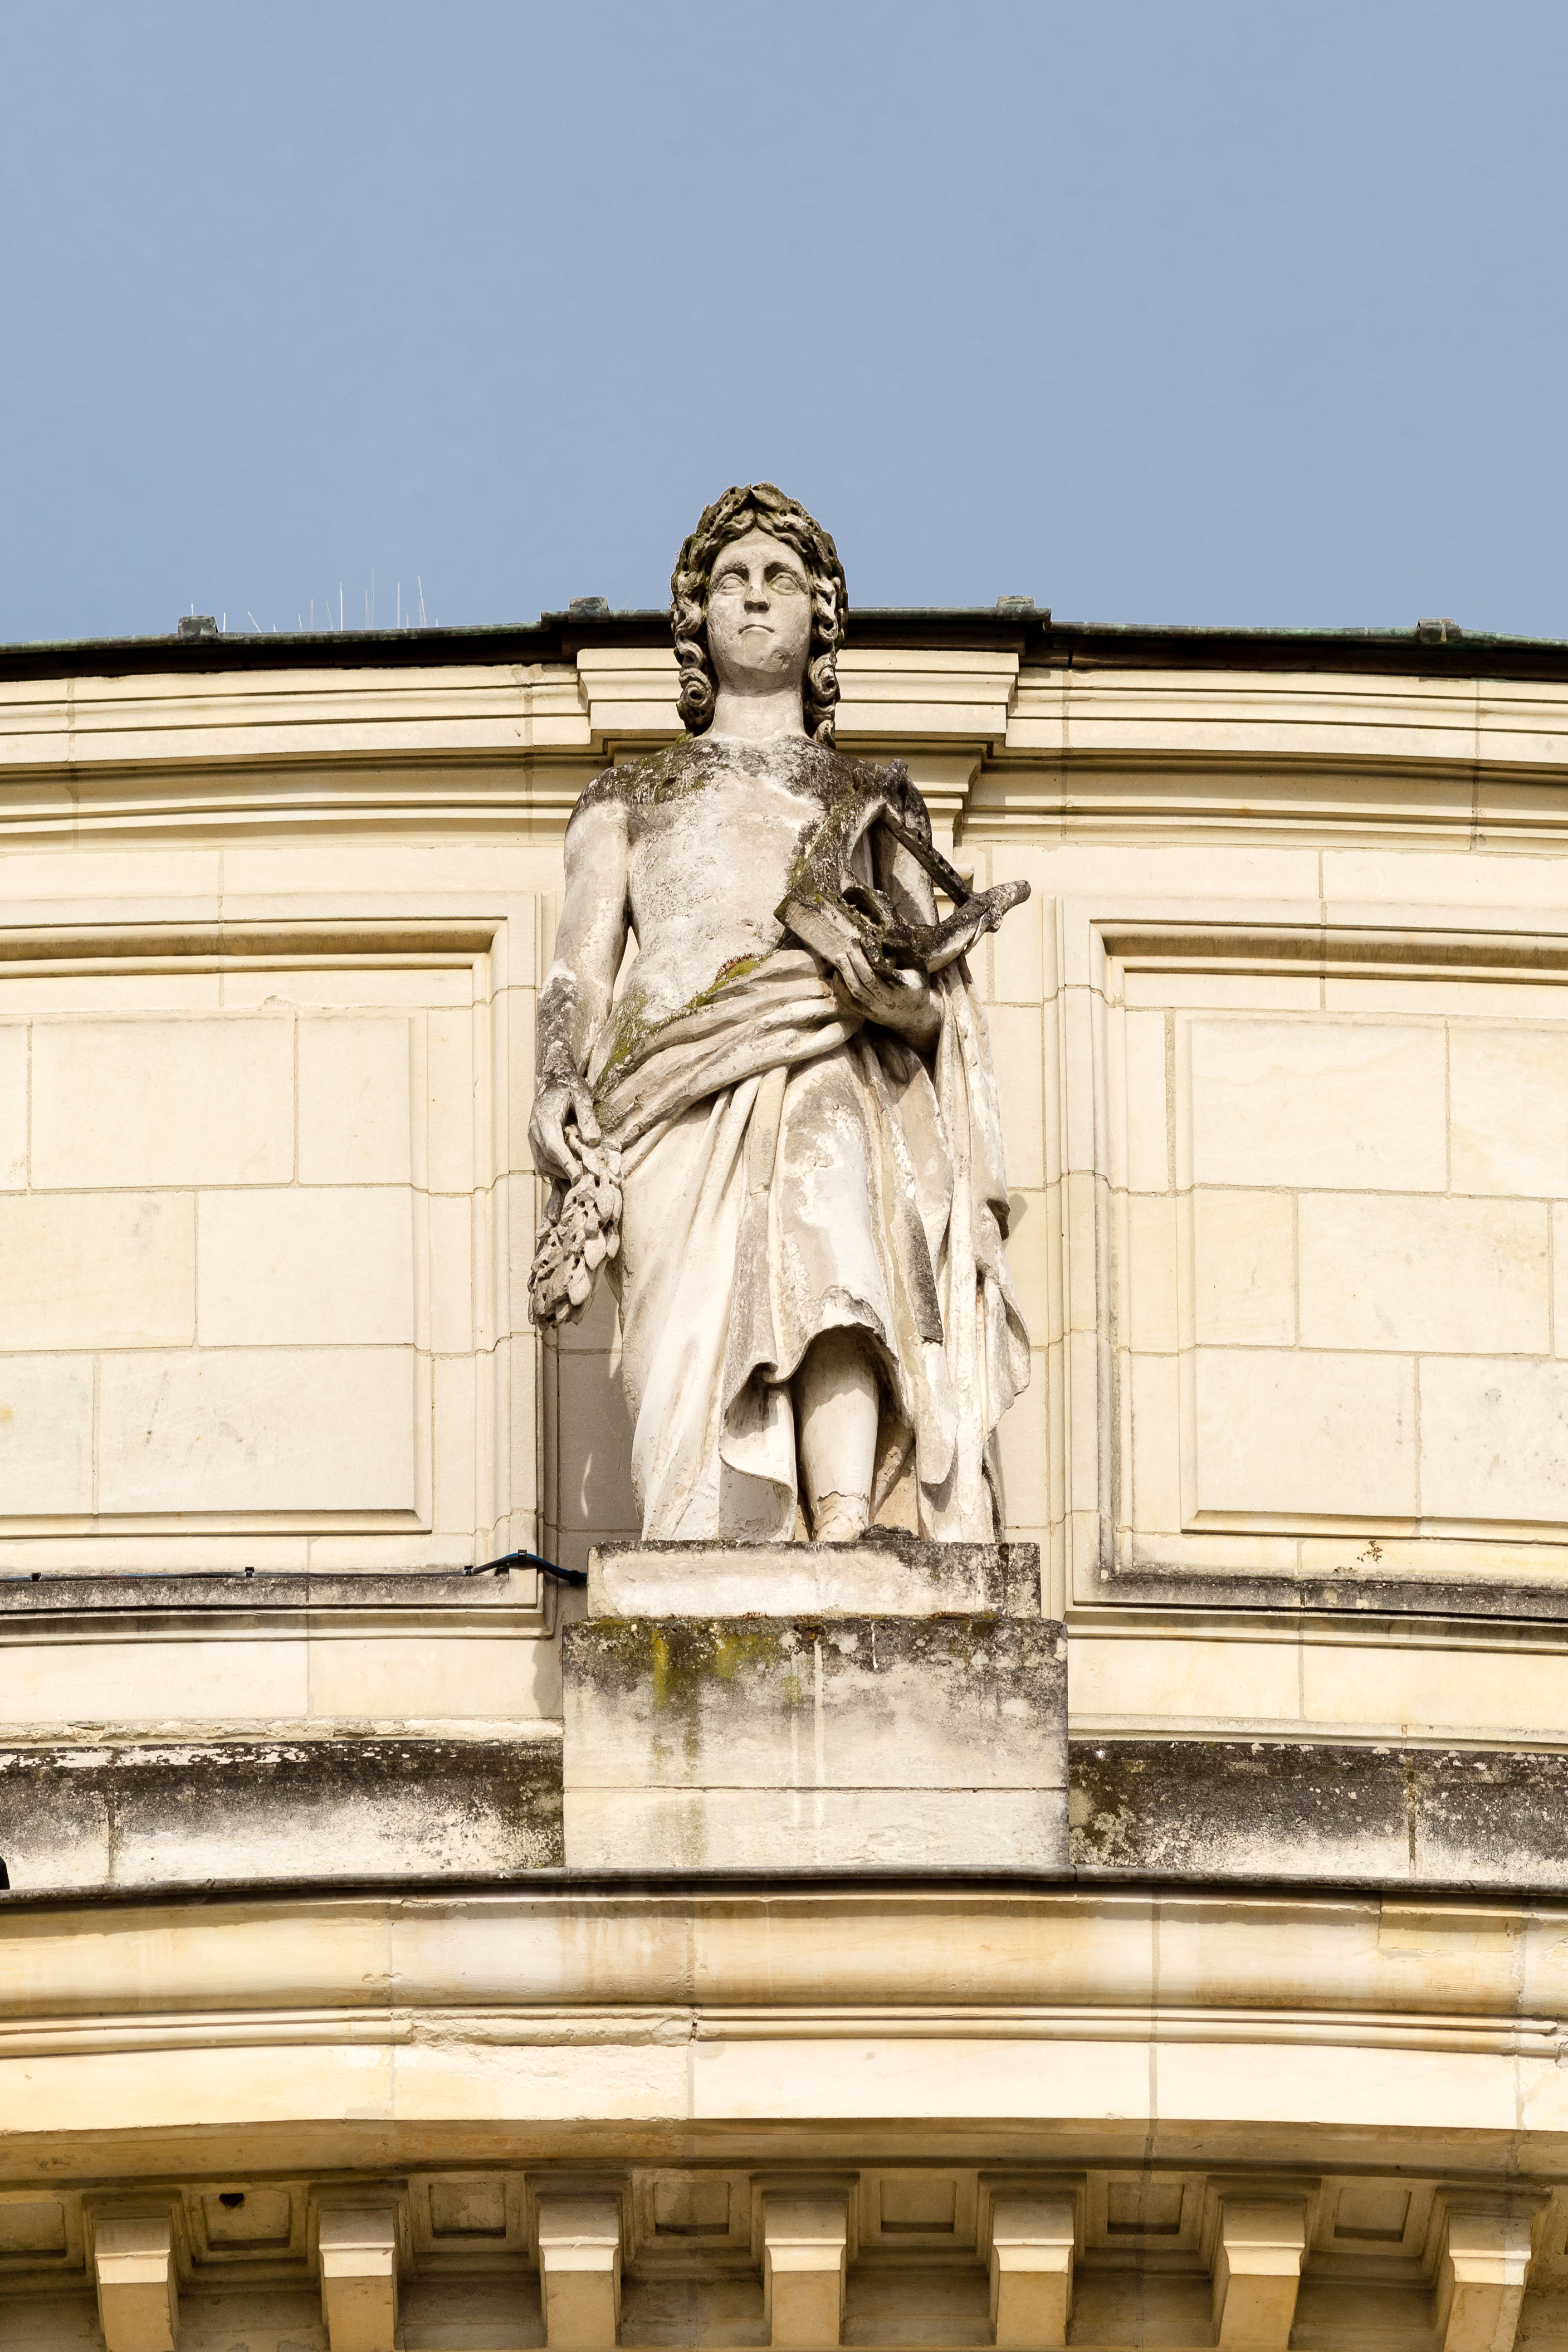 fichier statue d u0026 39 apollon sur la fa u00e7ade de l u0026 39 op u00e9ra  rennes  france jpg  u2014 wikip u00e9dia